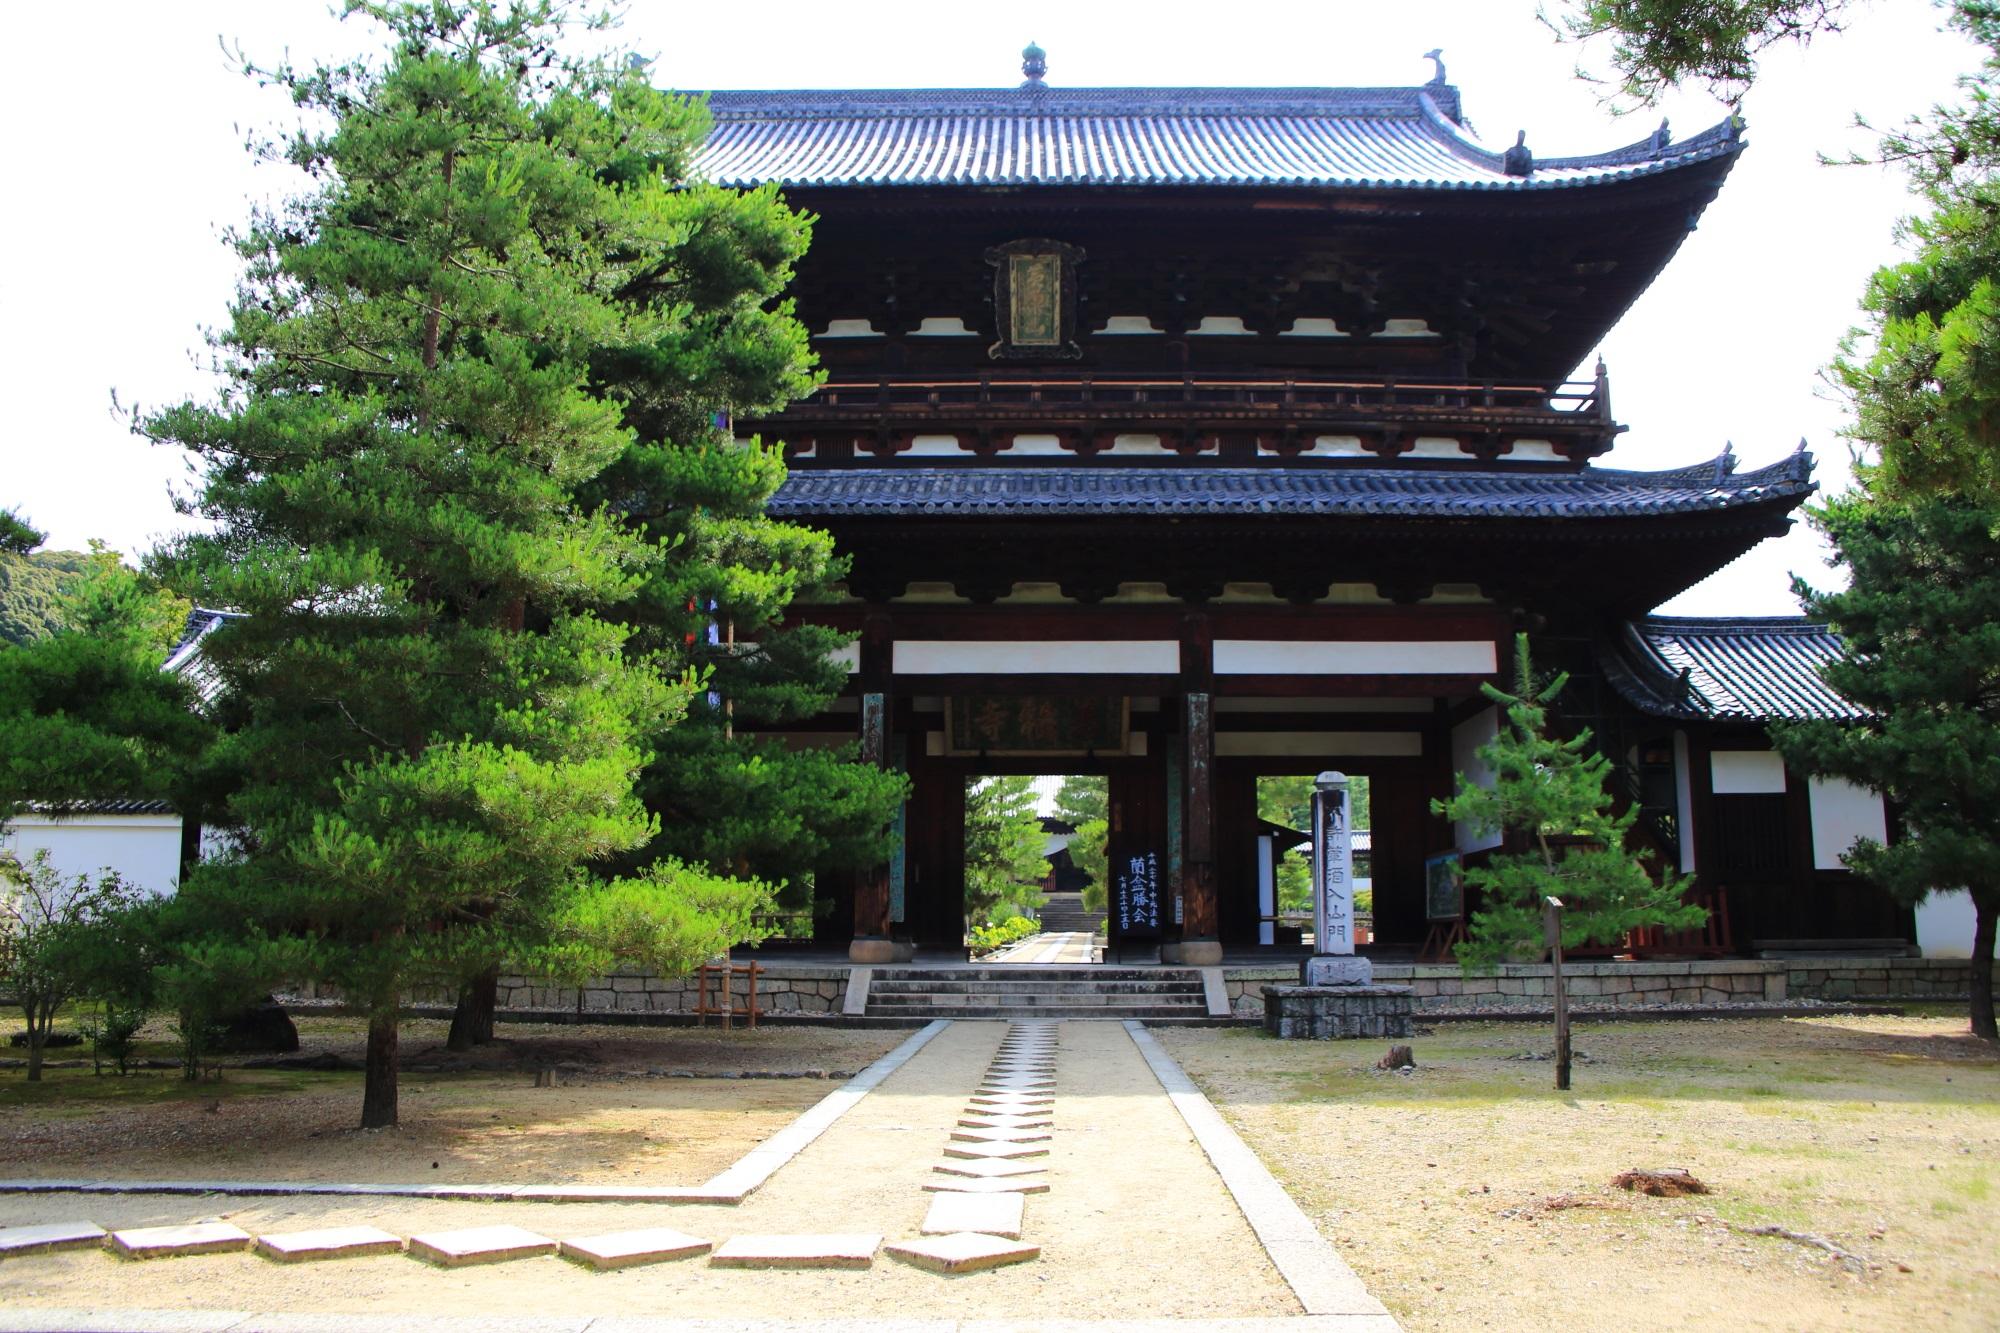 黄檗山萬福寺の雄大な造りの三門